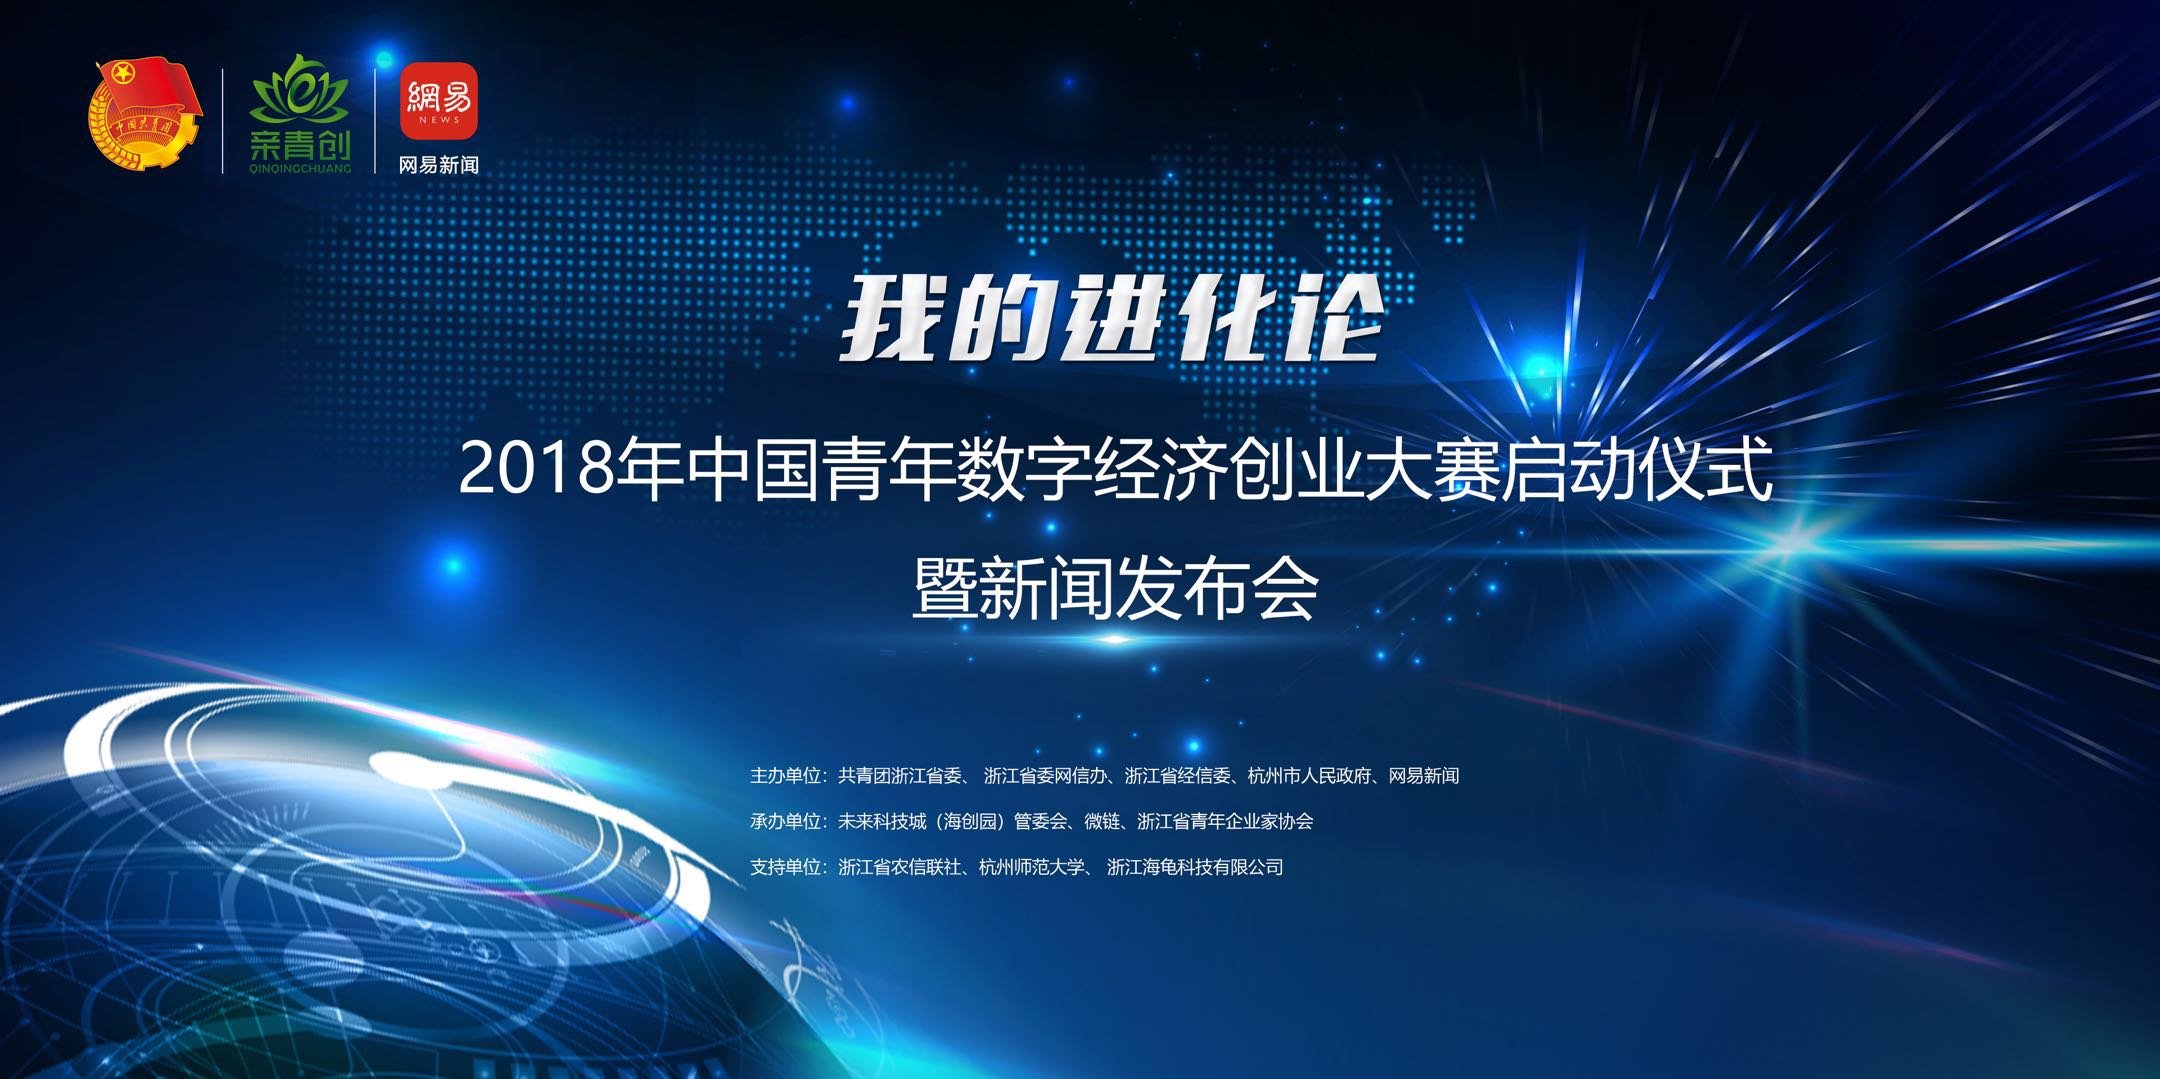 这场数字经济创业大赛最高奖金达20万元,你确定不来参加?